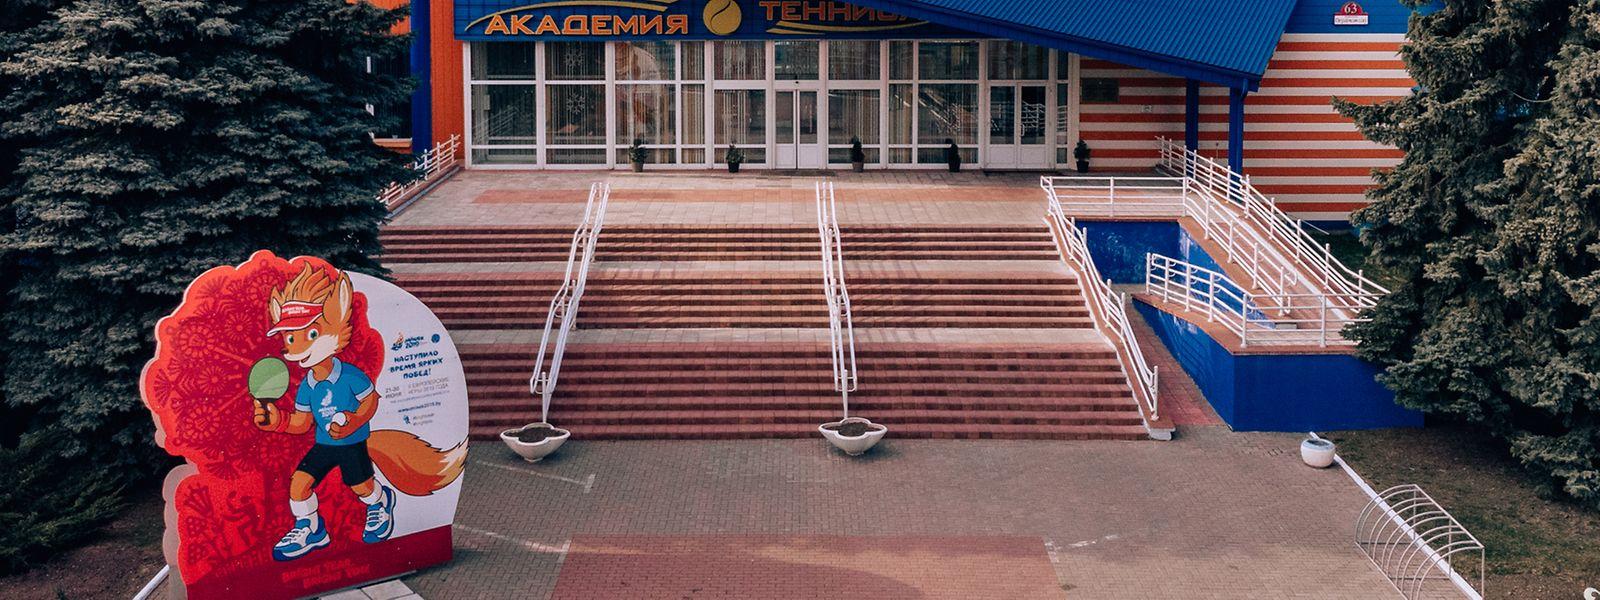 Les épreuves de tennis de table se tiendront à l'Olympic Tennis Centre.